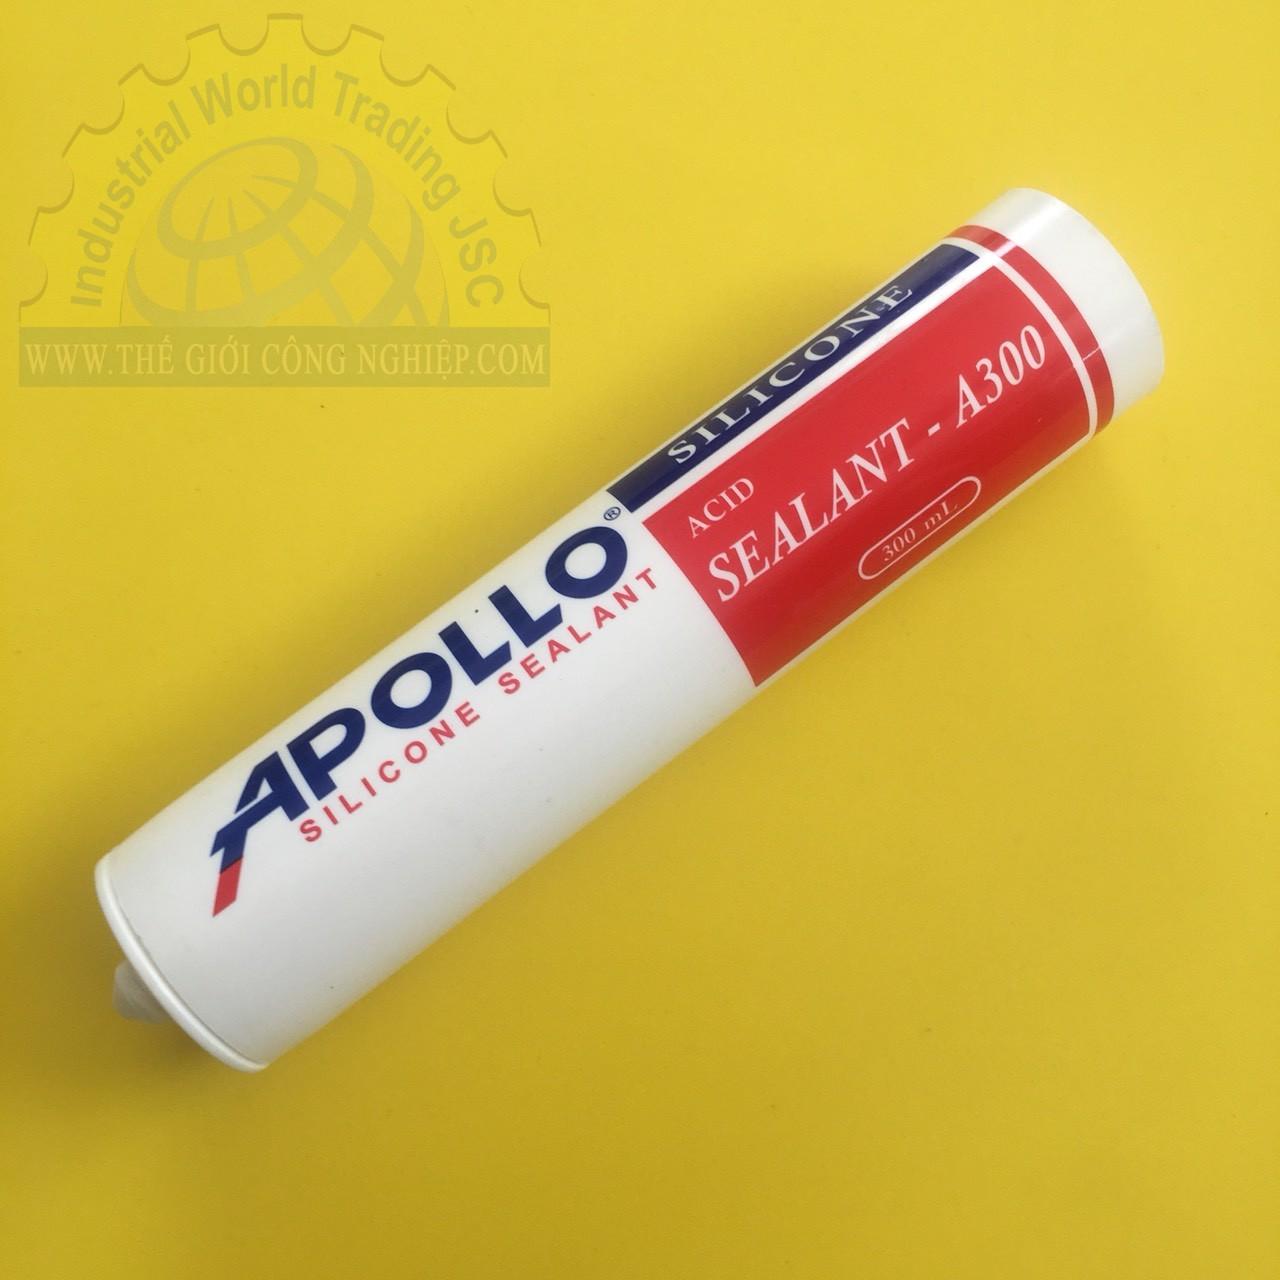 Keo silicon 300ml A300 màu trắng sữa (White) Apollo